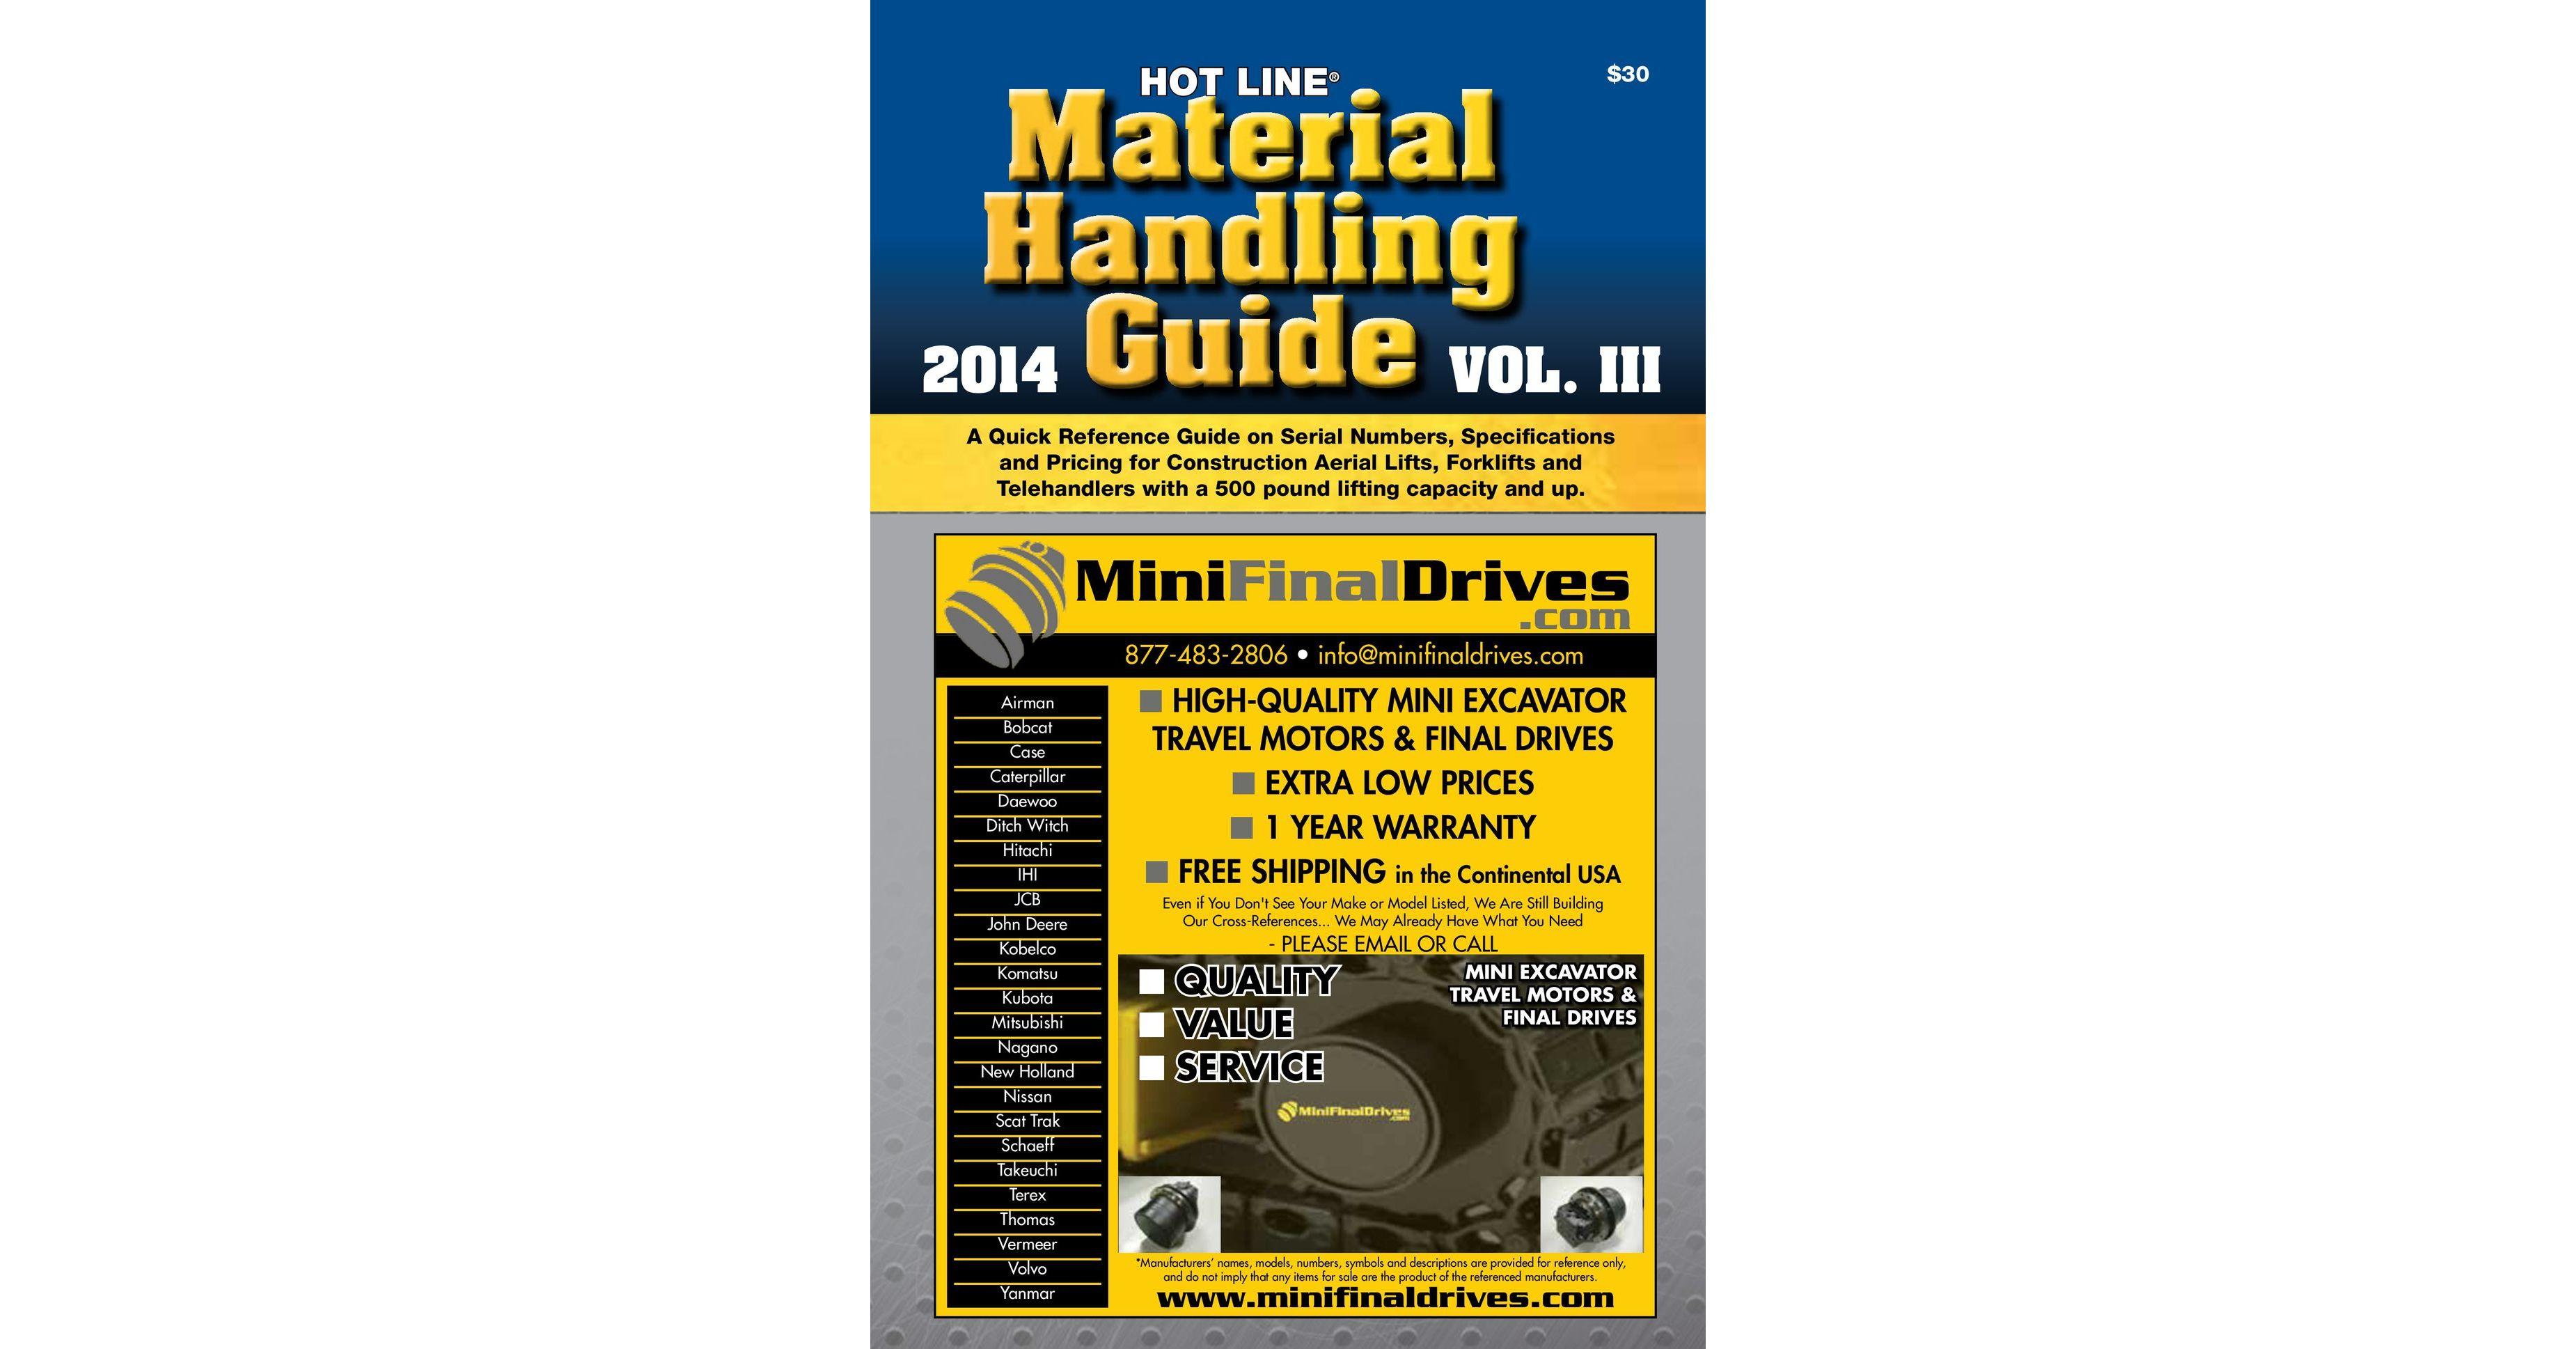 Material Handling Guide